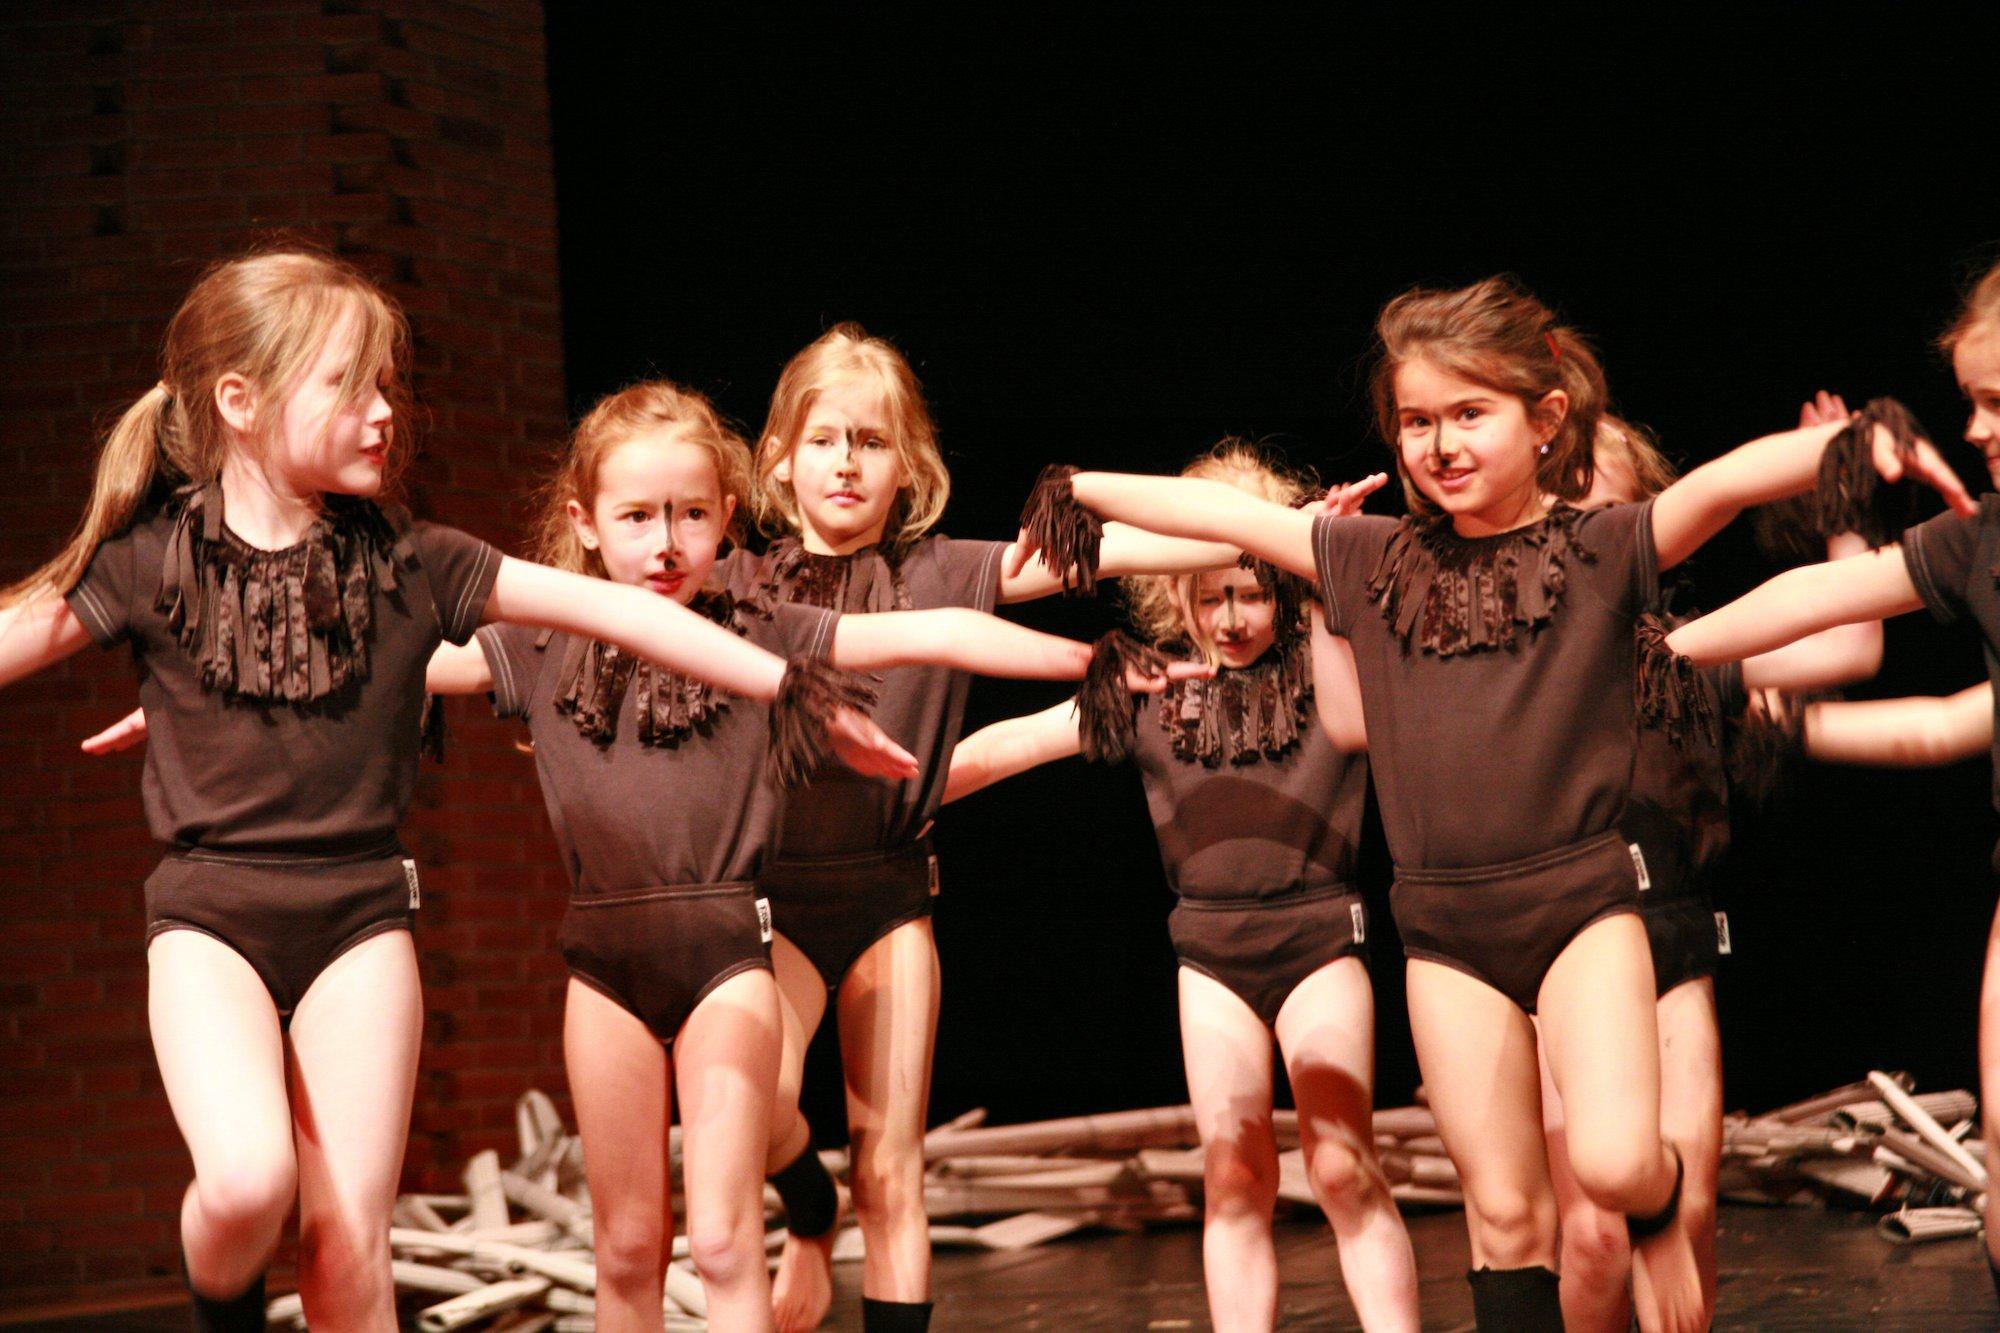 20-IMG_0452lolaroggeschule-kinderauffuehrung-diekleinehexe-herve-2006